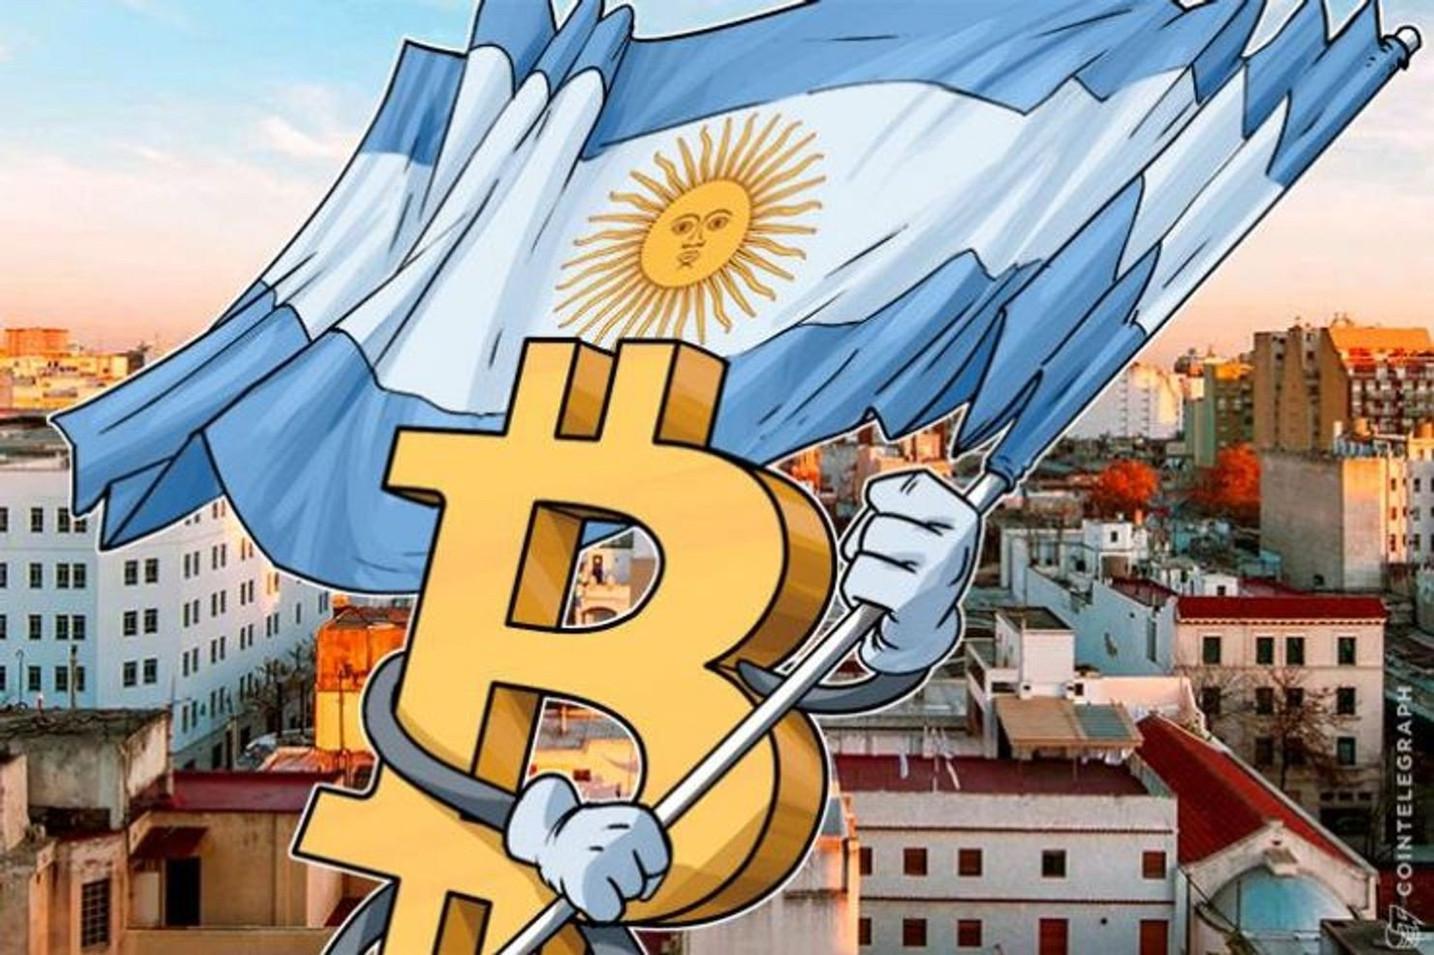 仮想通貨ビットコイン、ペソ建てで過去最高を更新|大統領選リスクから避難通貨として意識か